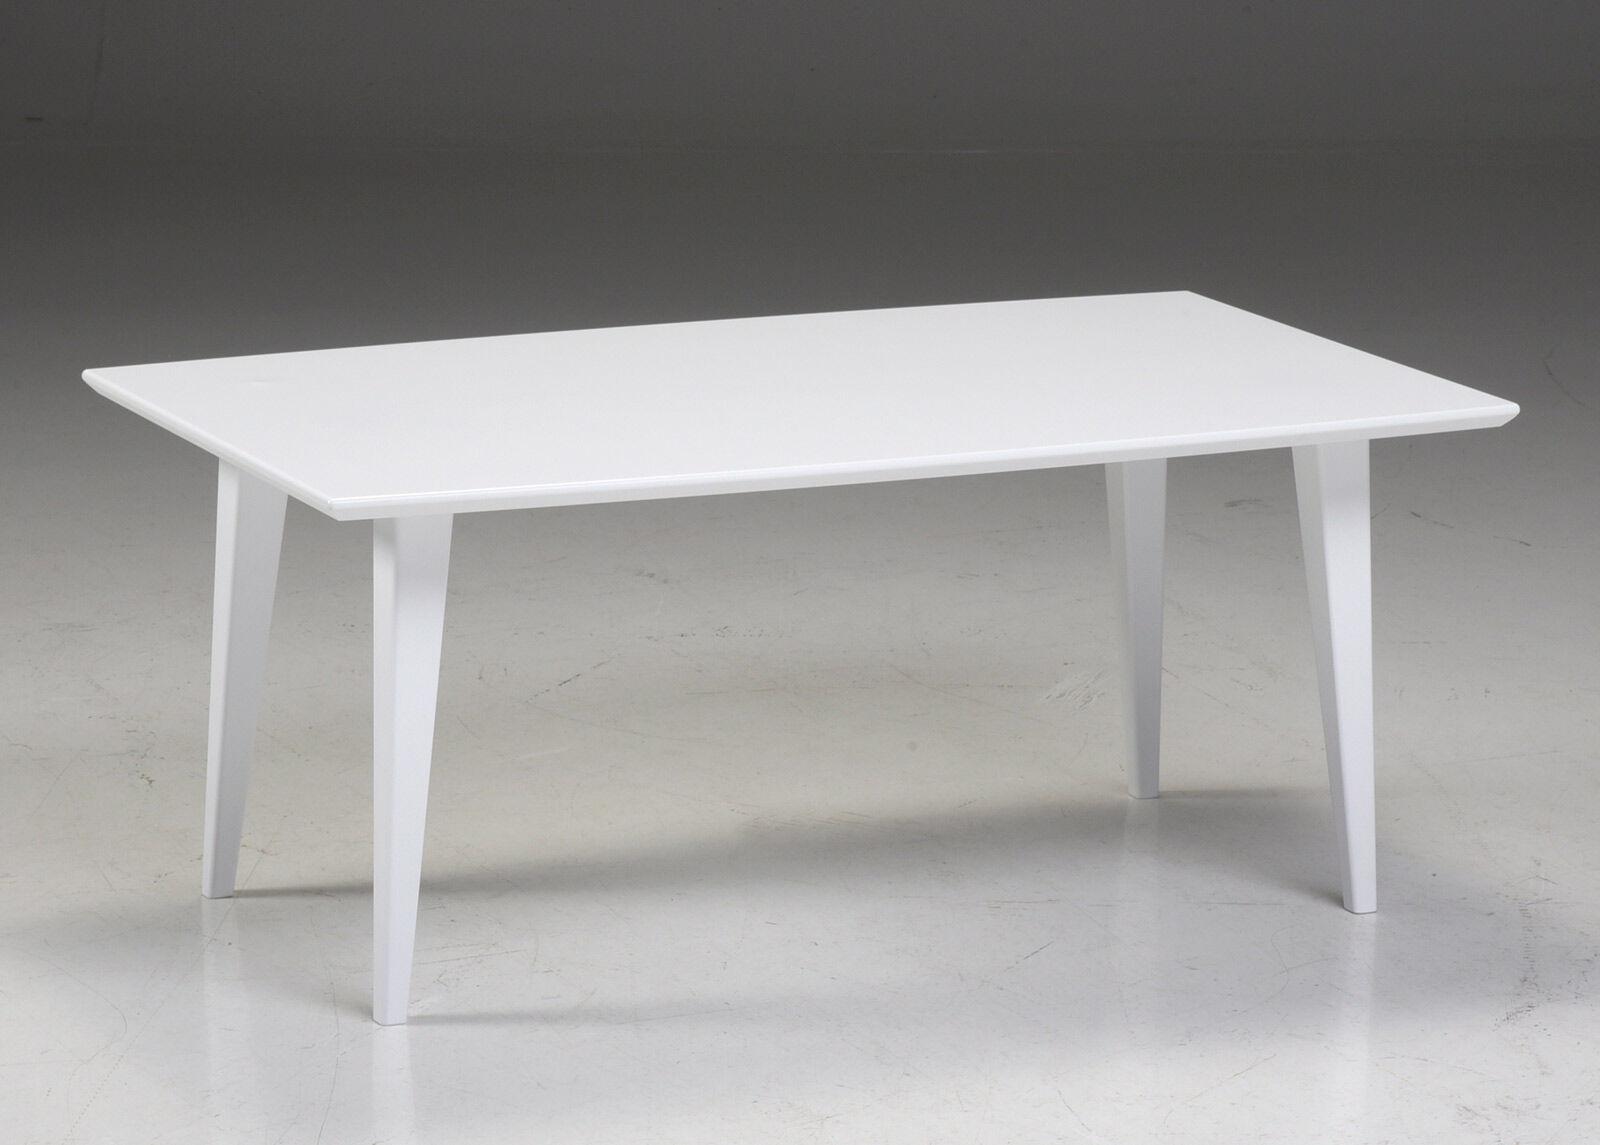 Hiipakka Sohvapöytä Elli 100x60 cm